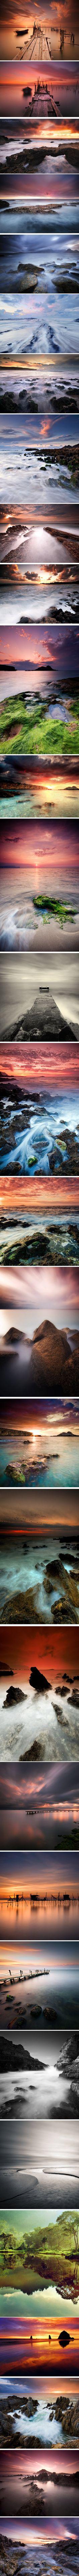 #Sunsets #Ocean